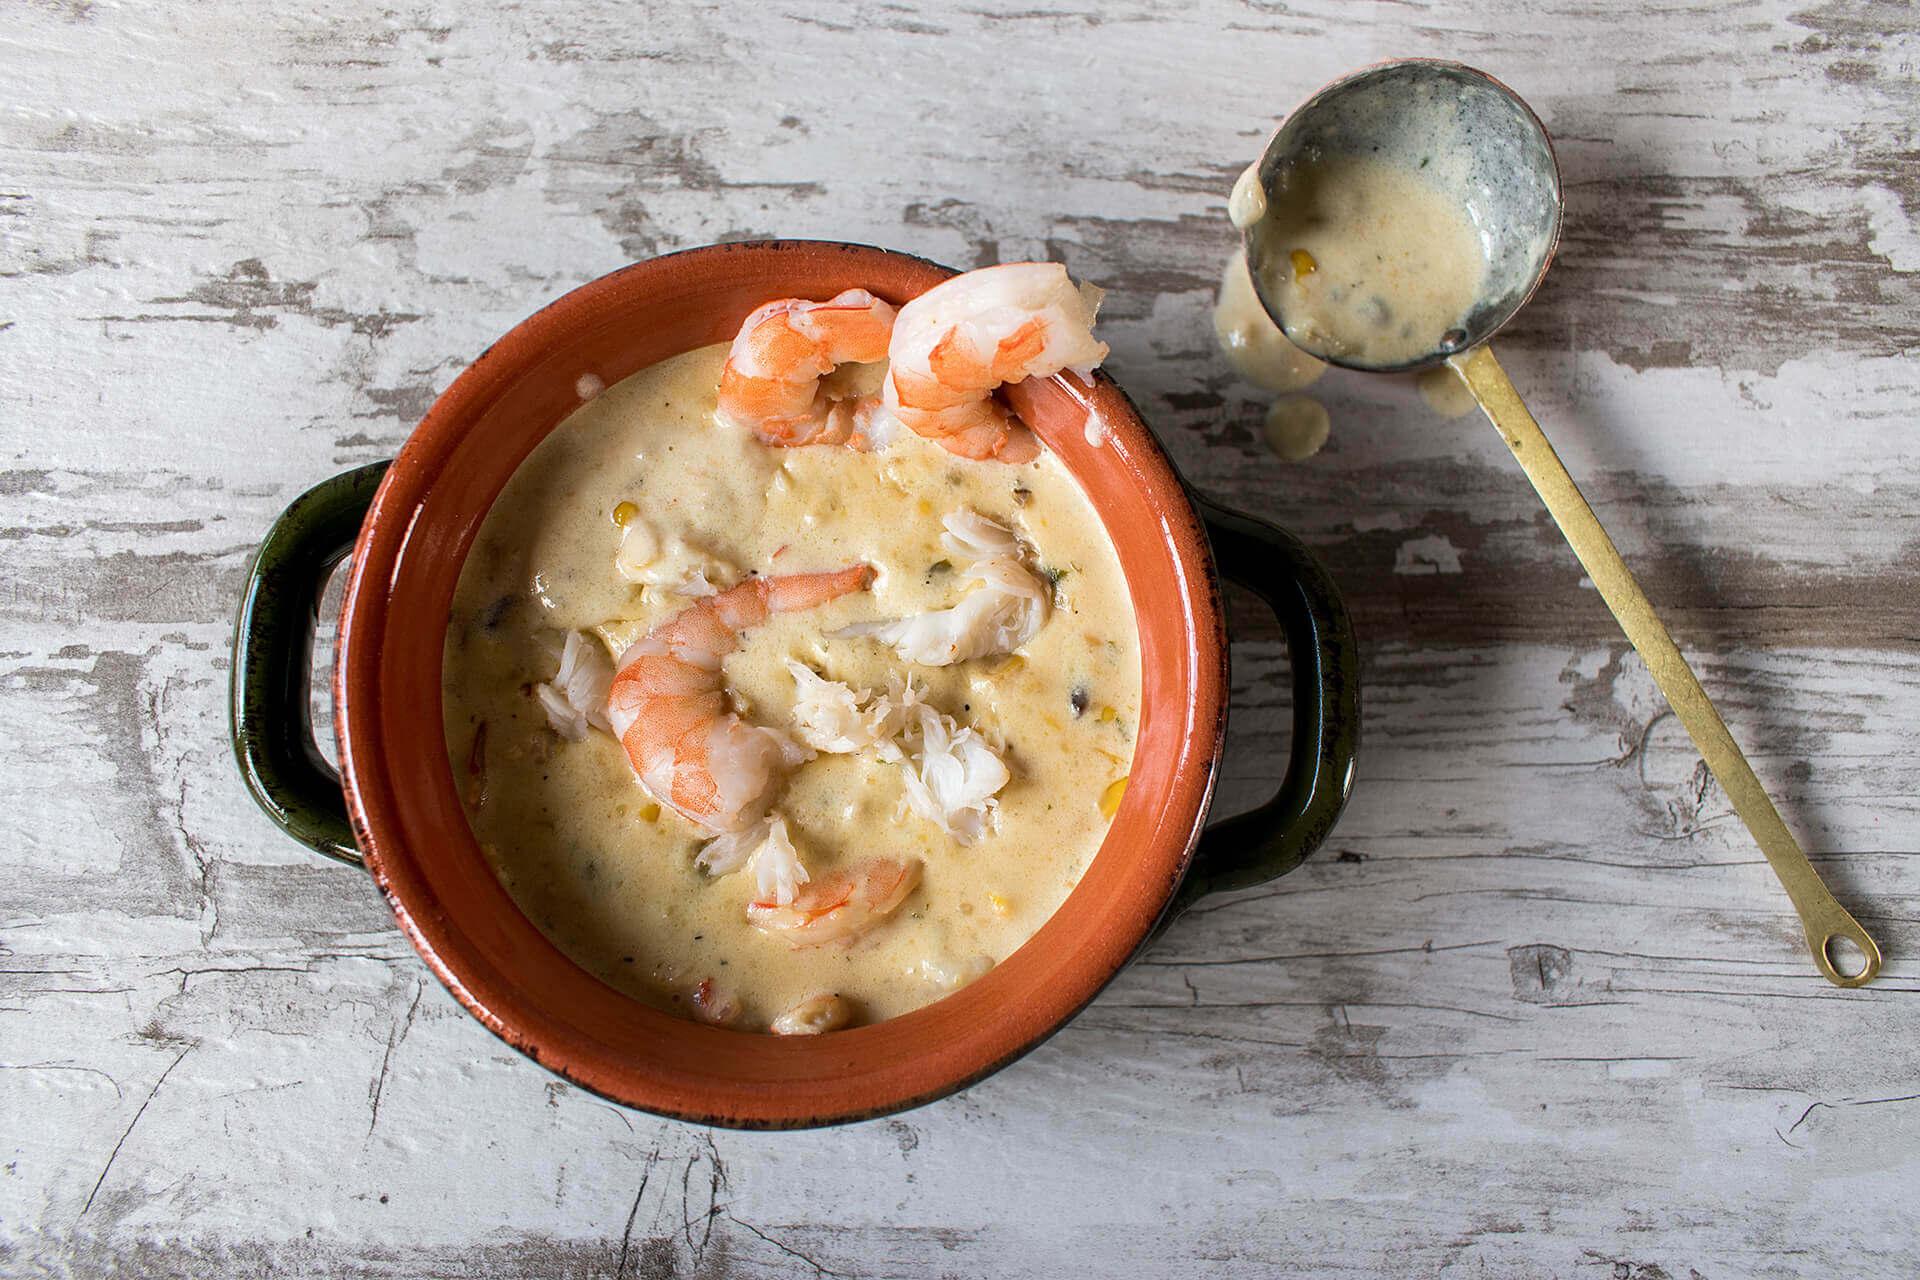 Suppe-Schrimps-Schuessel-Feinkost-Langbein